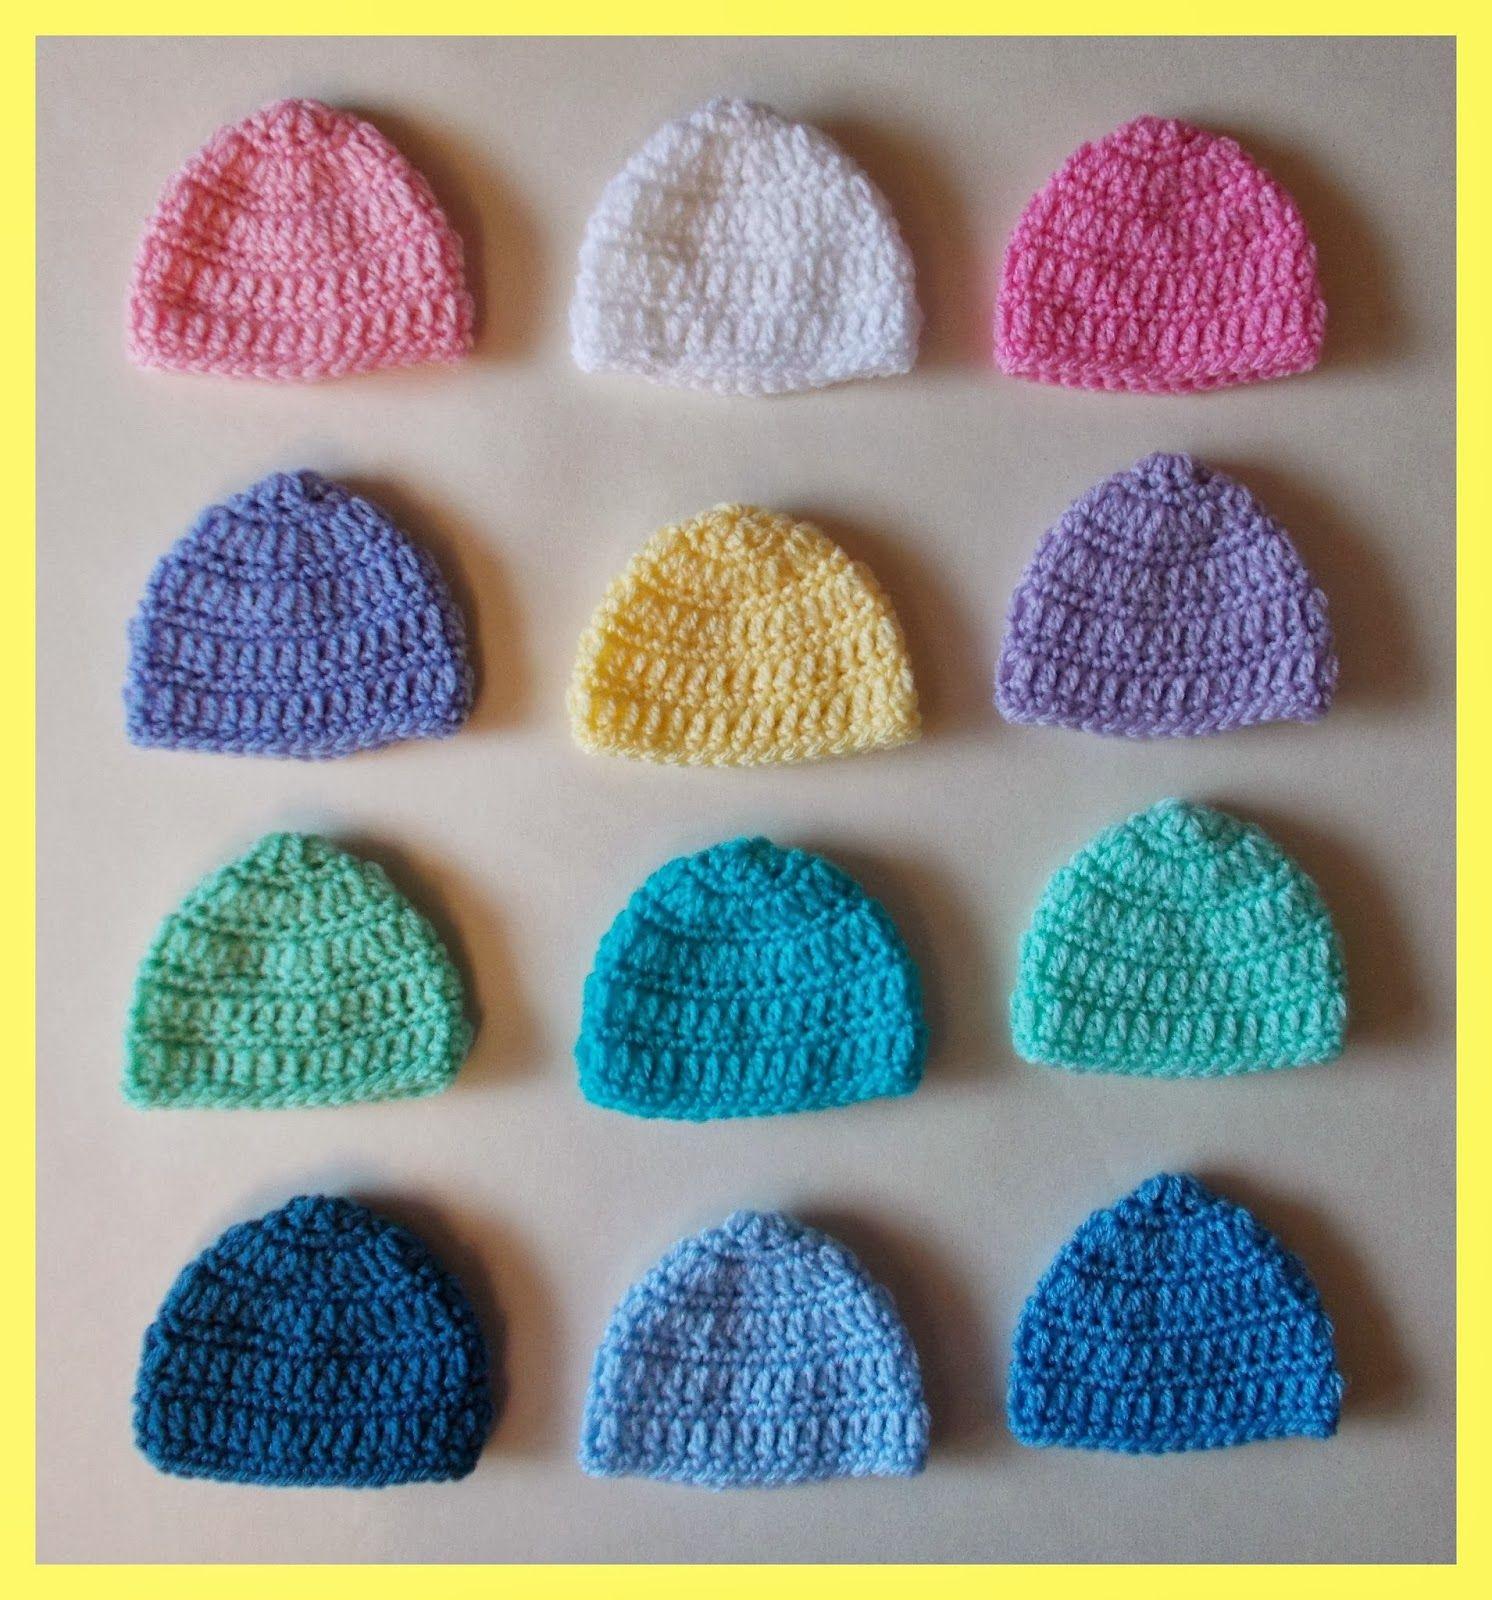 30e4866d1e62d marianna's lazy daisy days: Premature Baby Beanie Hats Donation ...